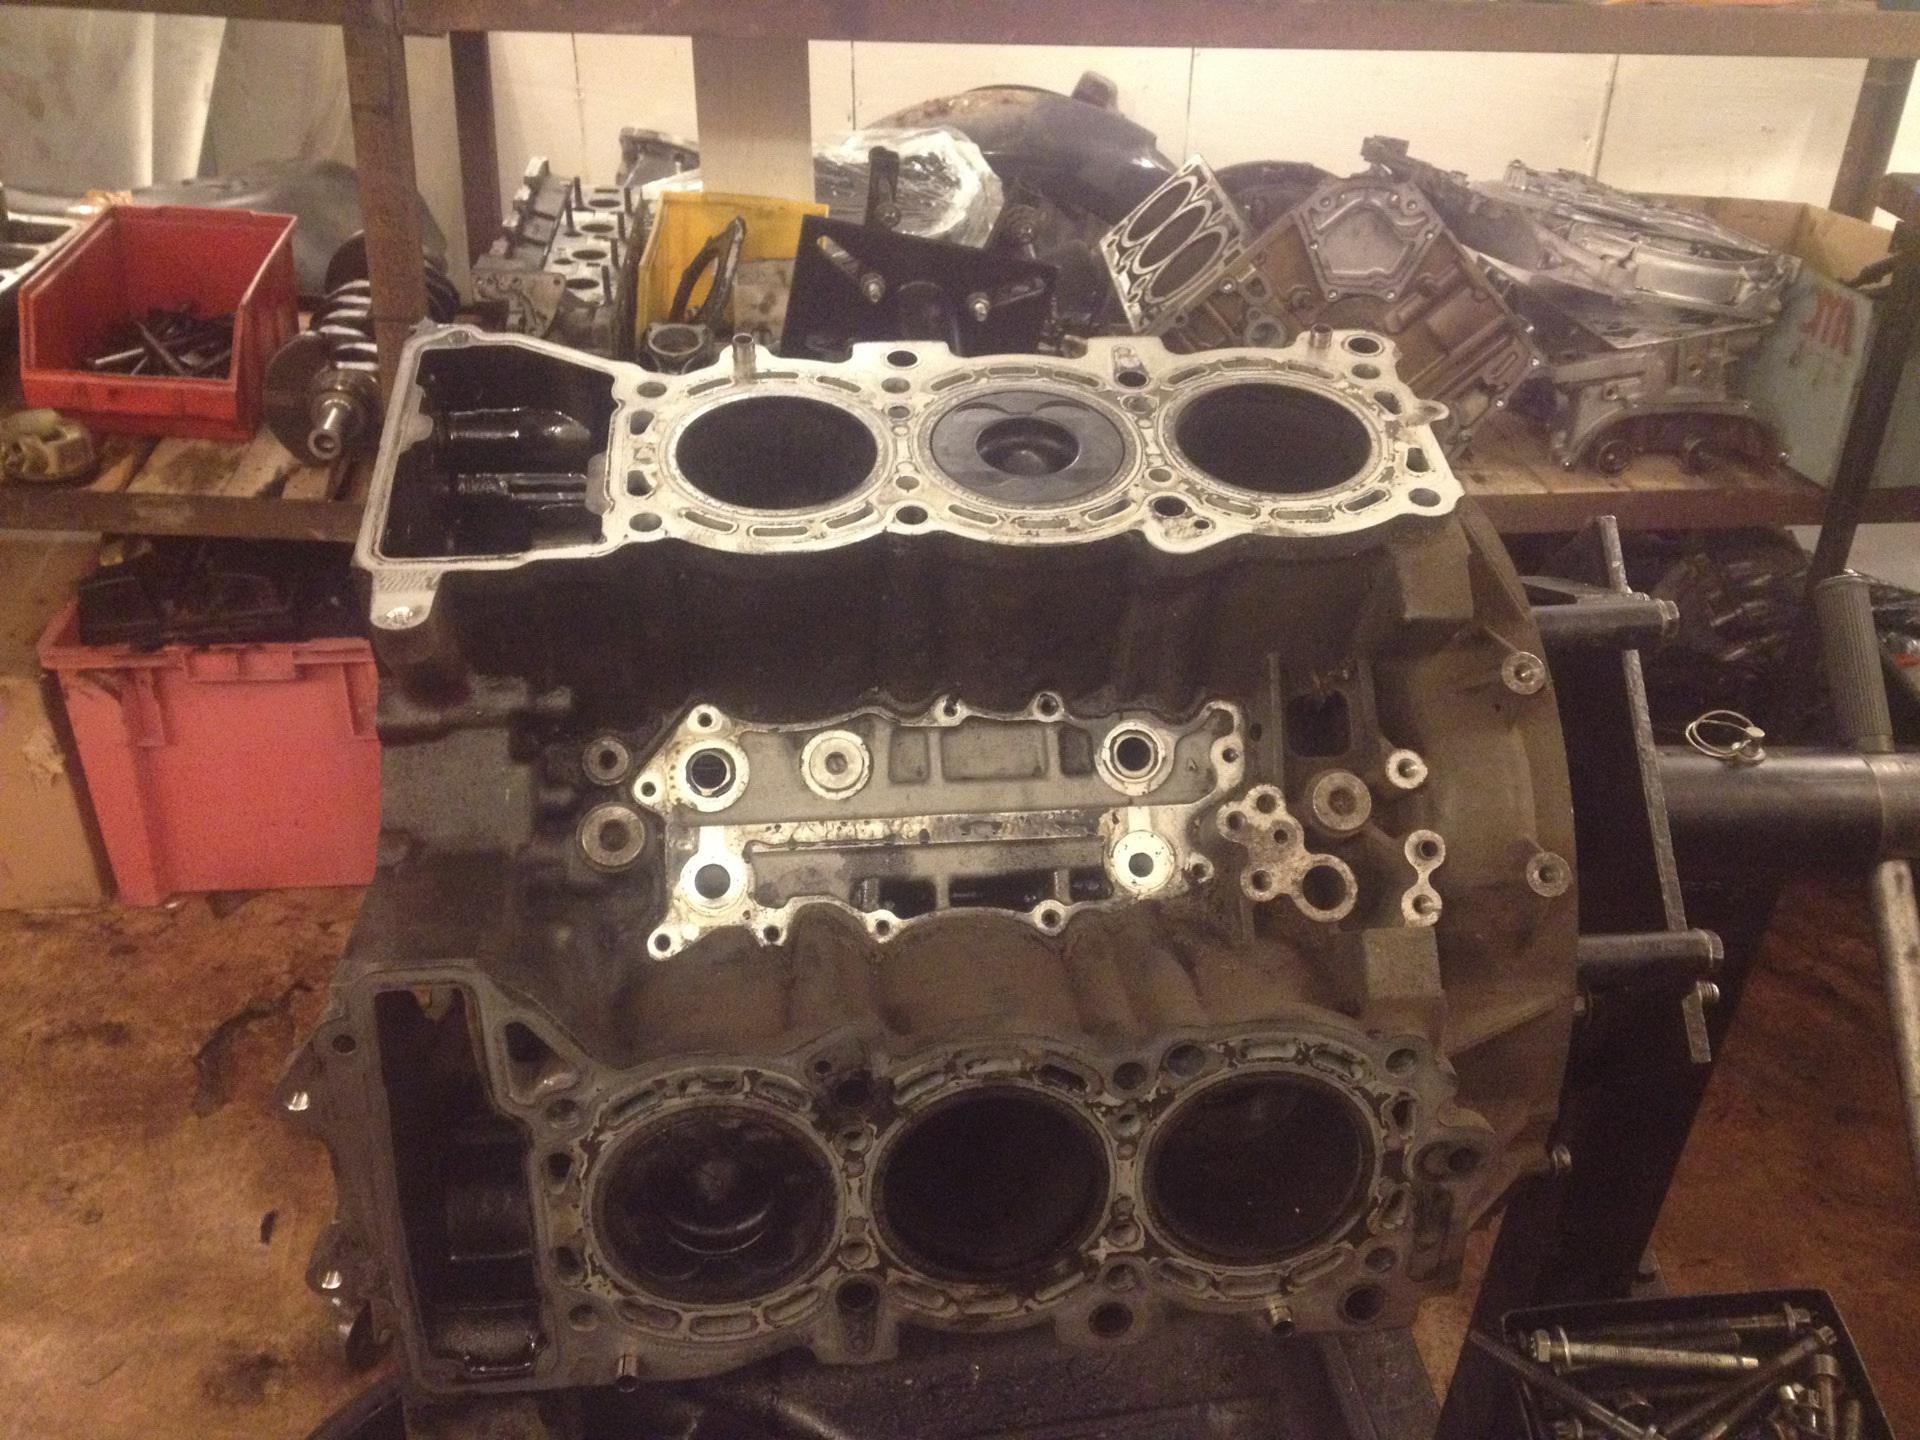 ремонт двигателя om642 бориспольская левый берег